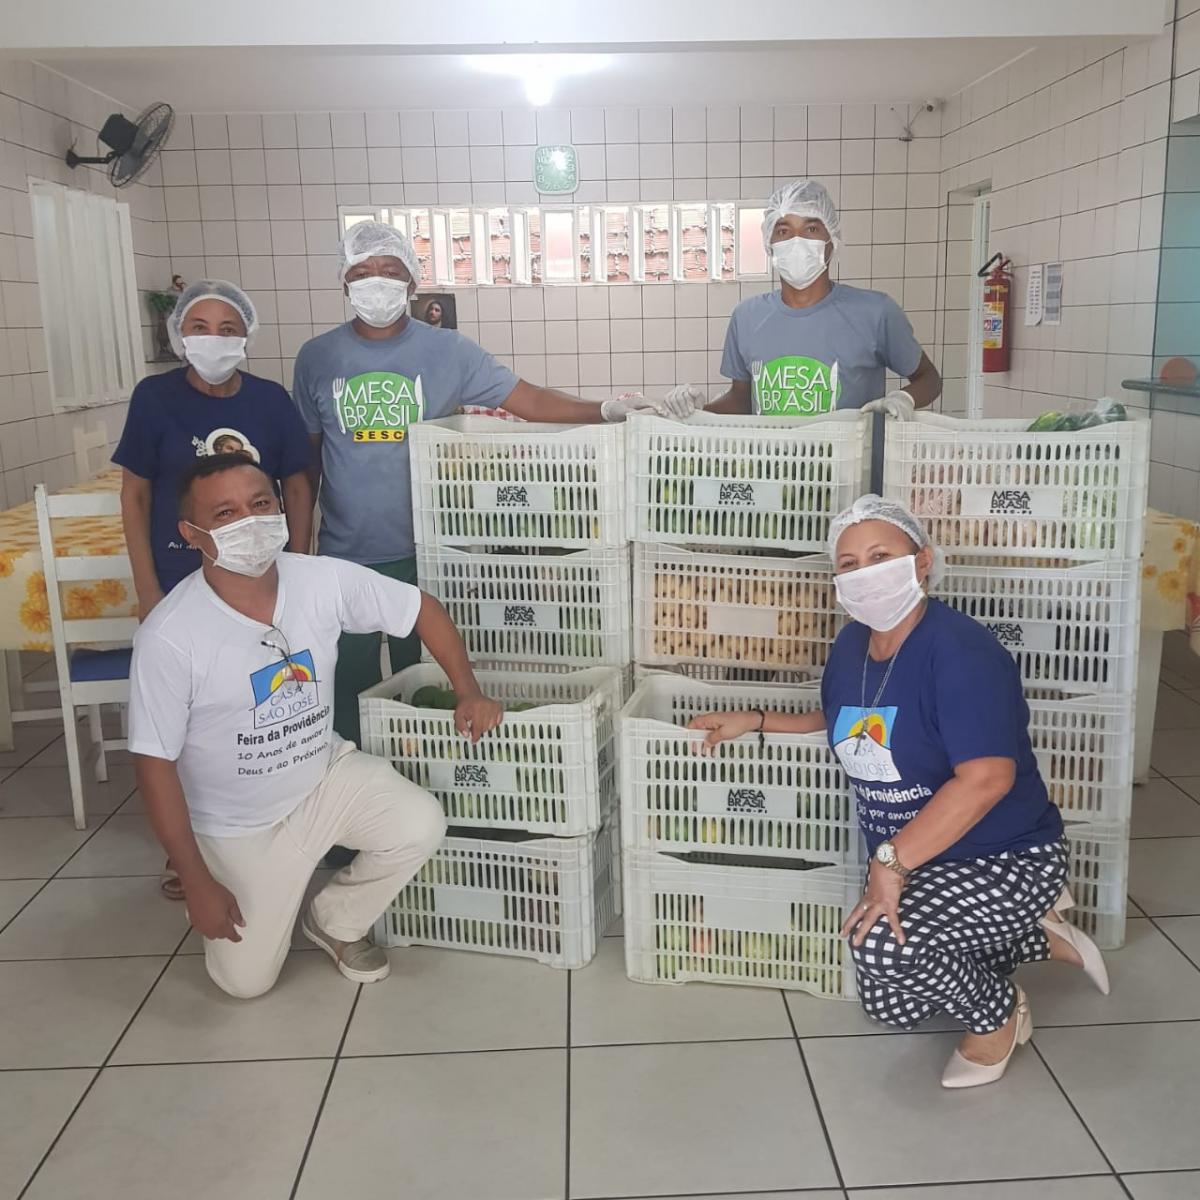 Mesa Brasil Sesc Piauí: conheça o projeto beneficiado pelo Sextou em Casa